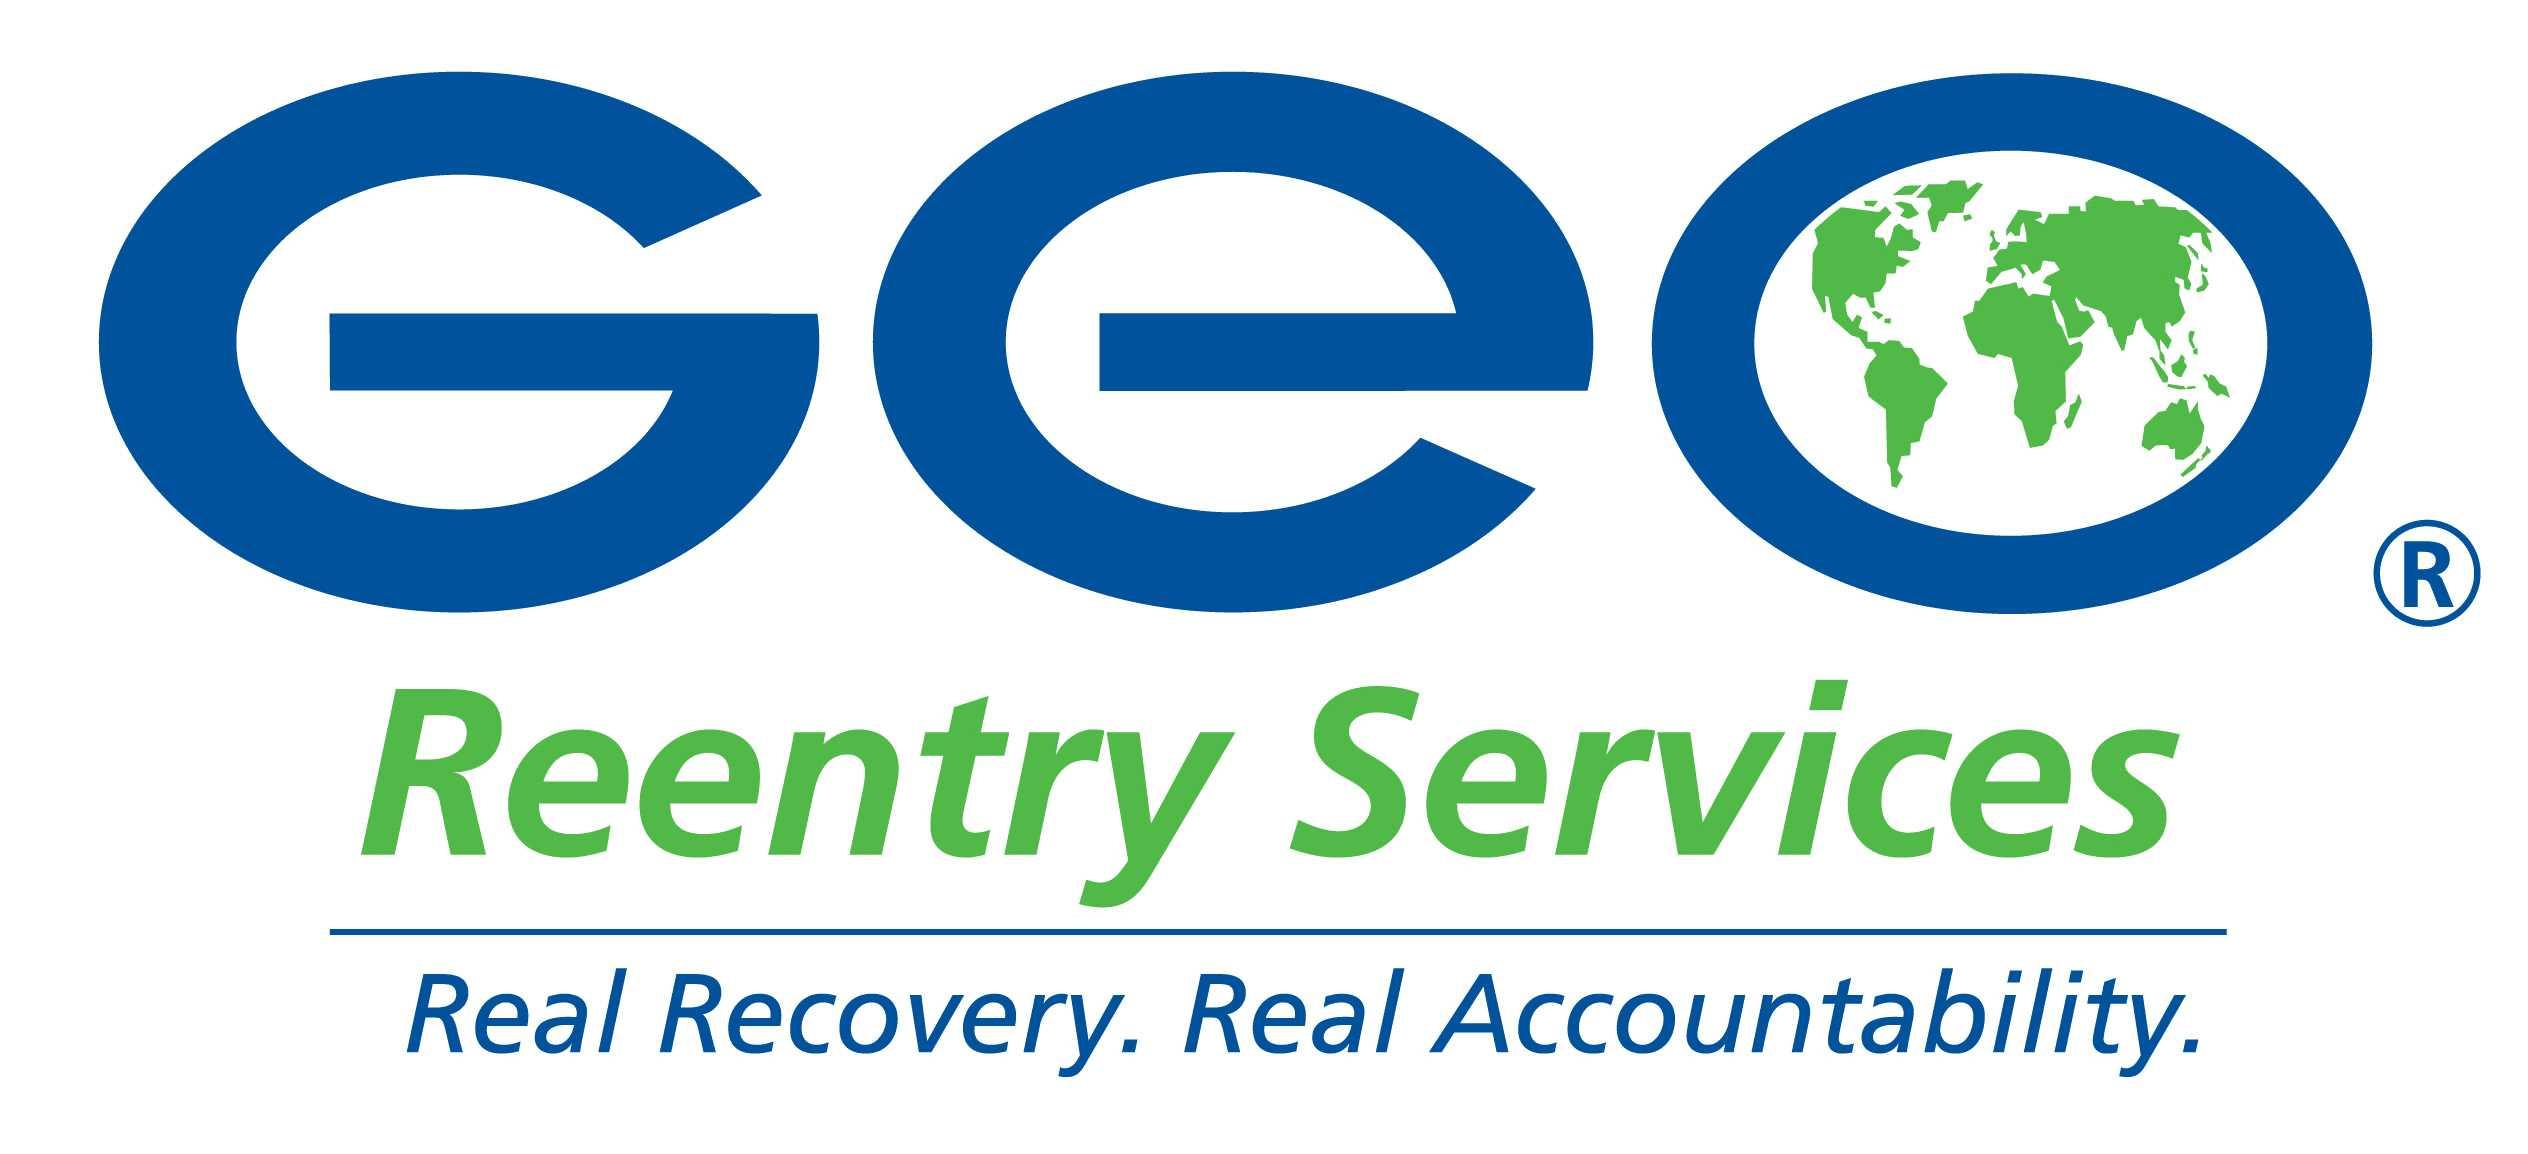 Geo Reentry Philadelphia